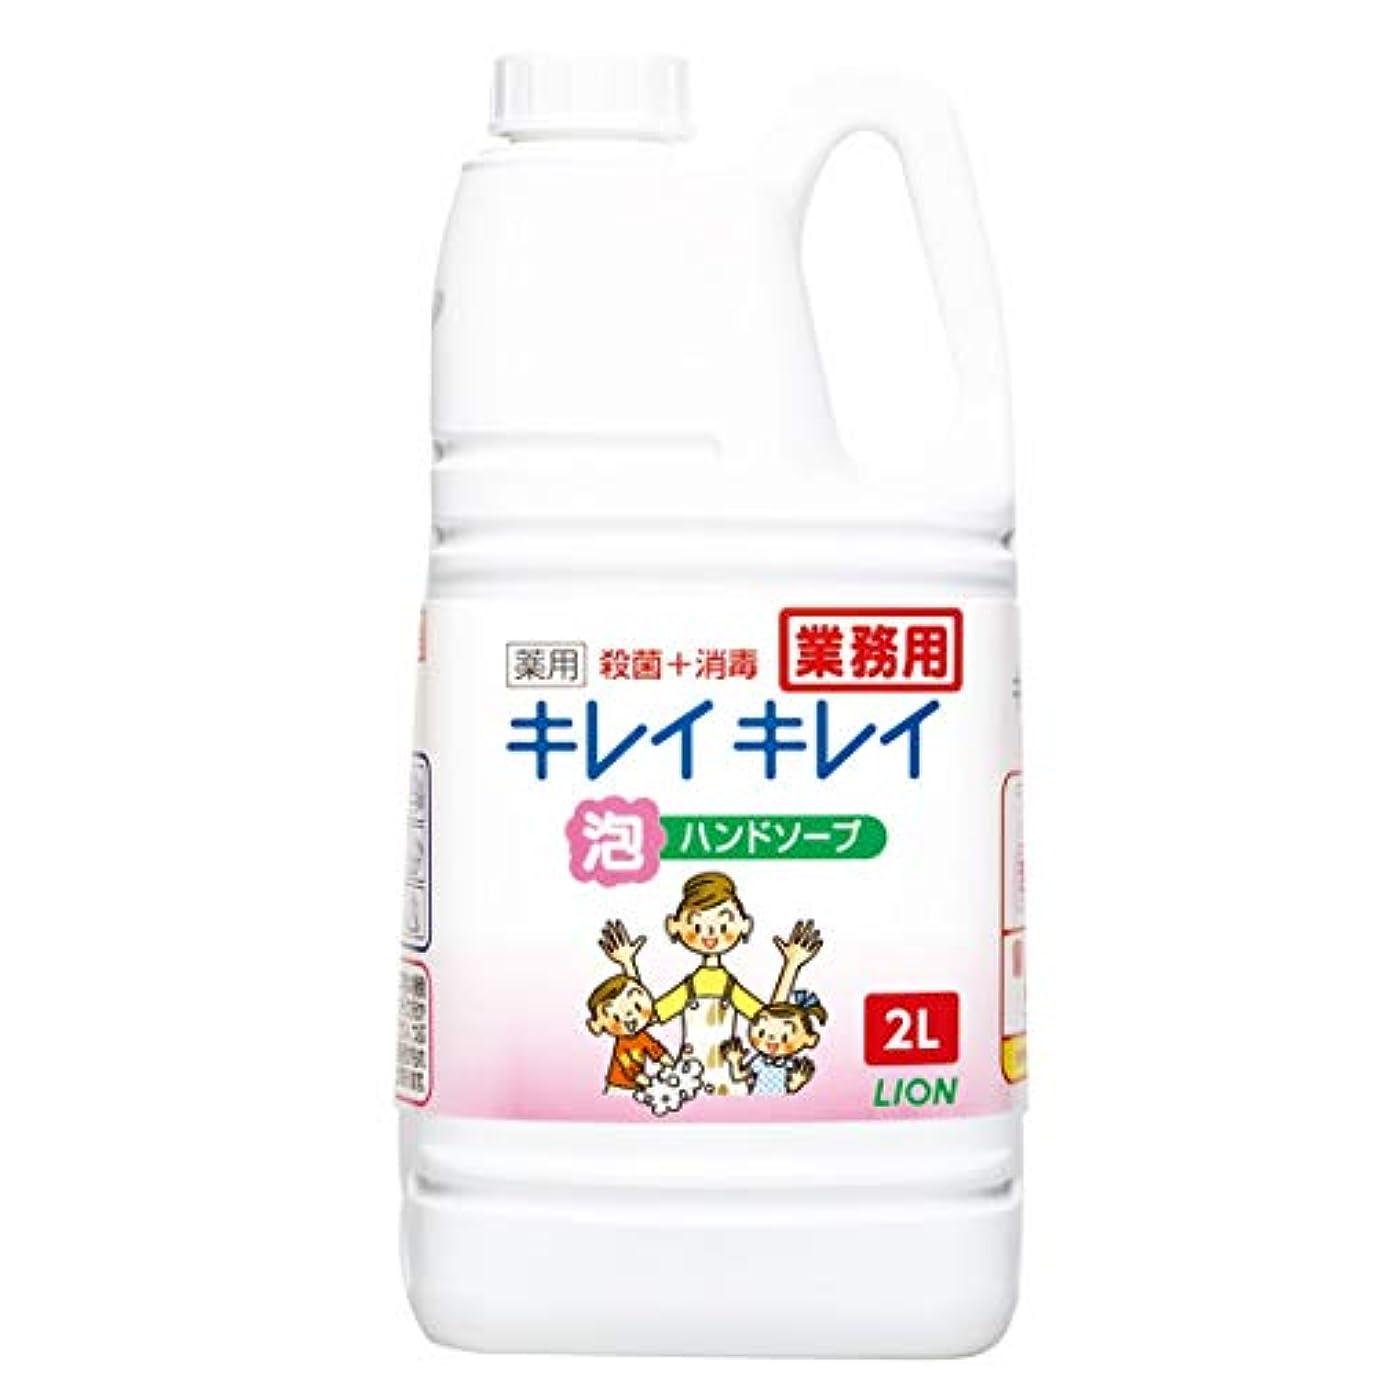 呼吸習字ケント【業務用 大容量】キレイキレイ 薬用 泡ハンドソープ シトラスフルーティの香り 2L (医薬部外品) 液体 単品